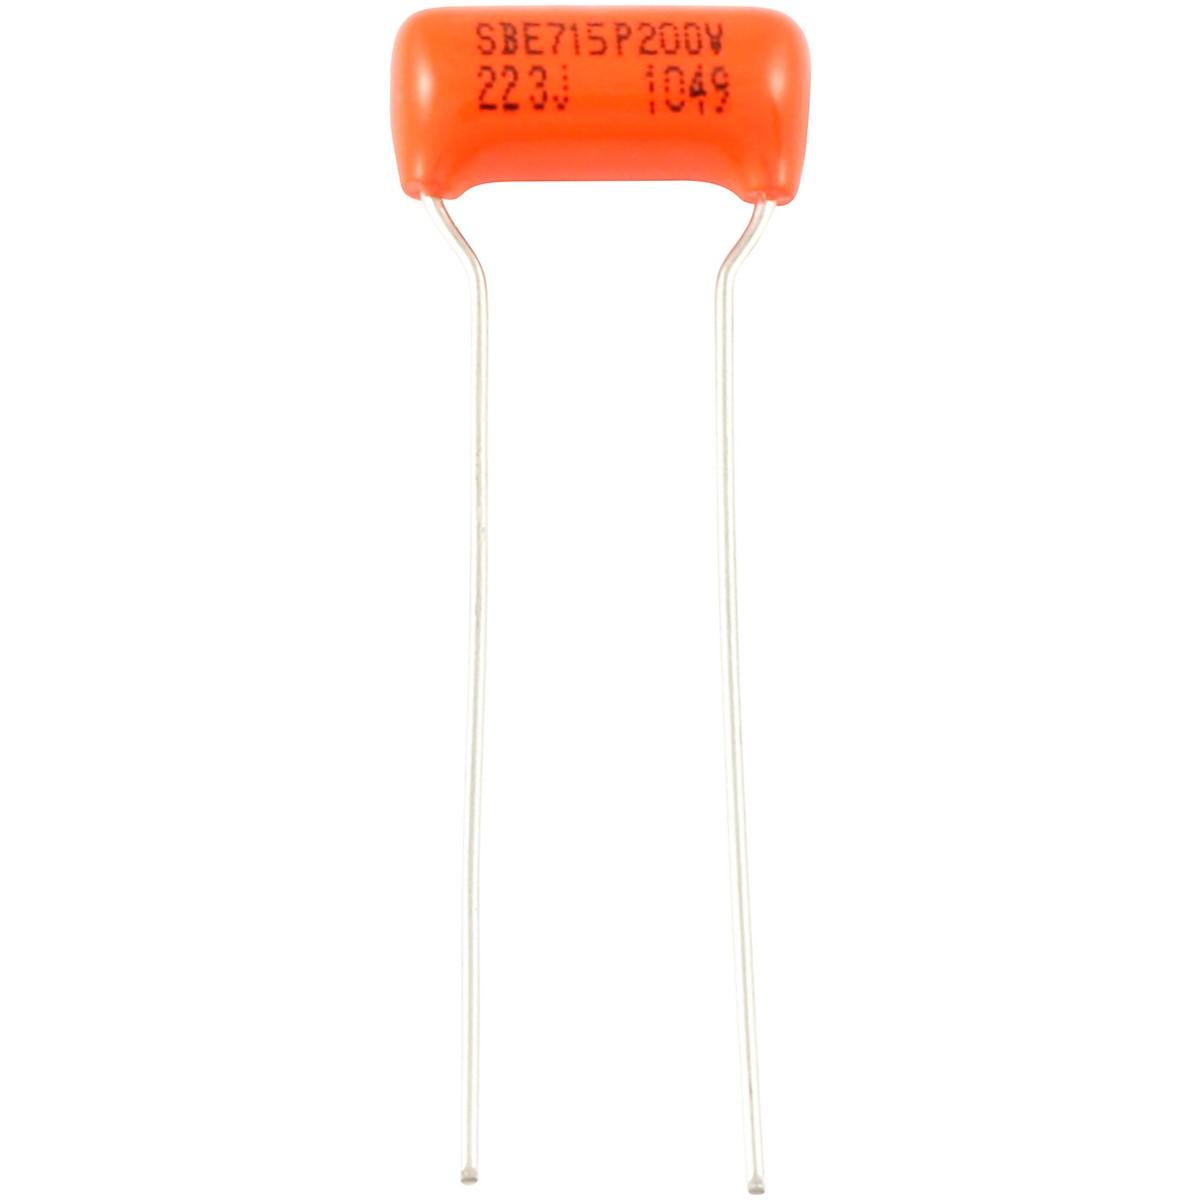 Allparts .022 MFD Orange Drop Capacitors (3 pieces)